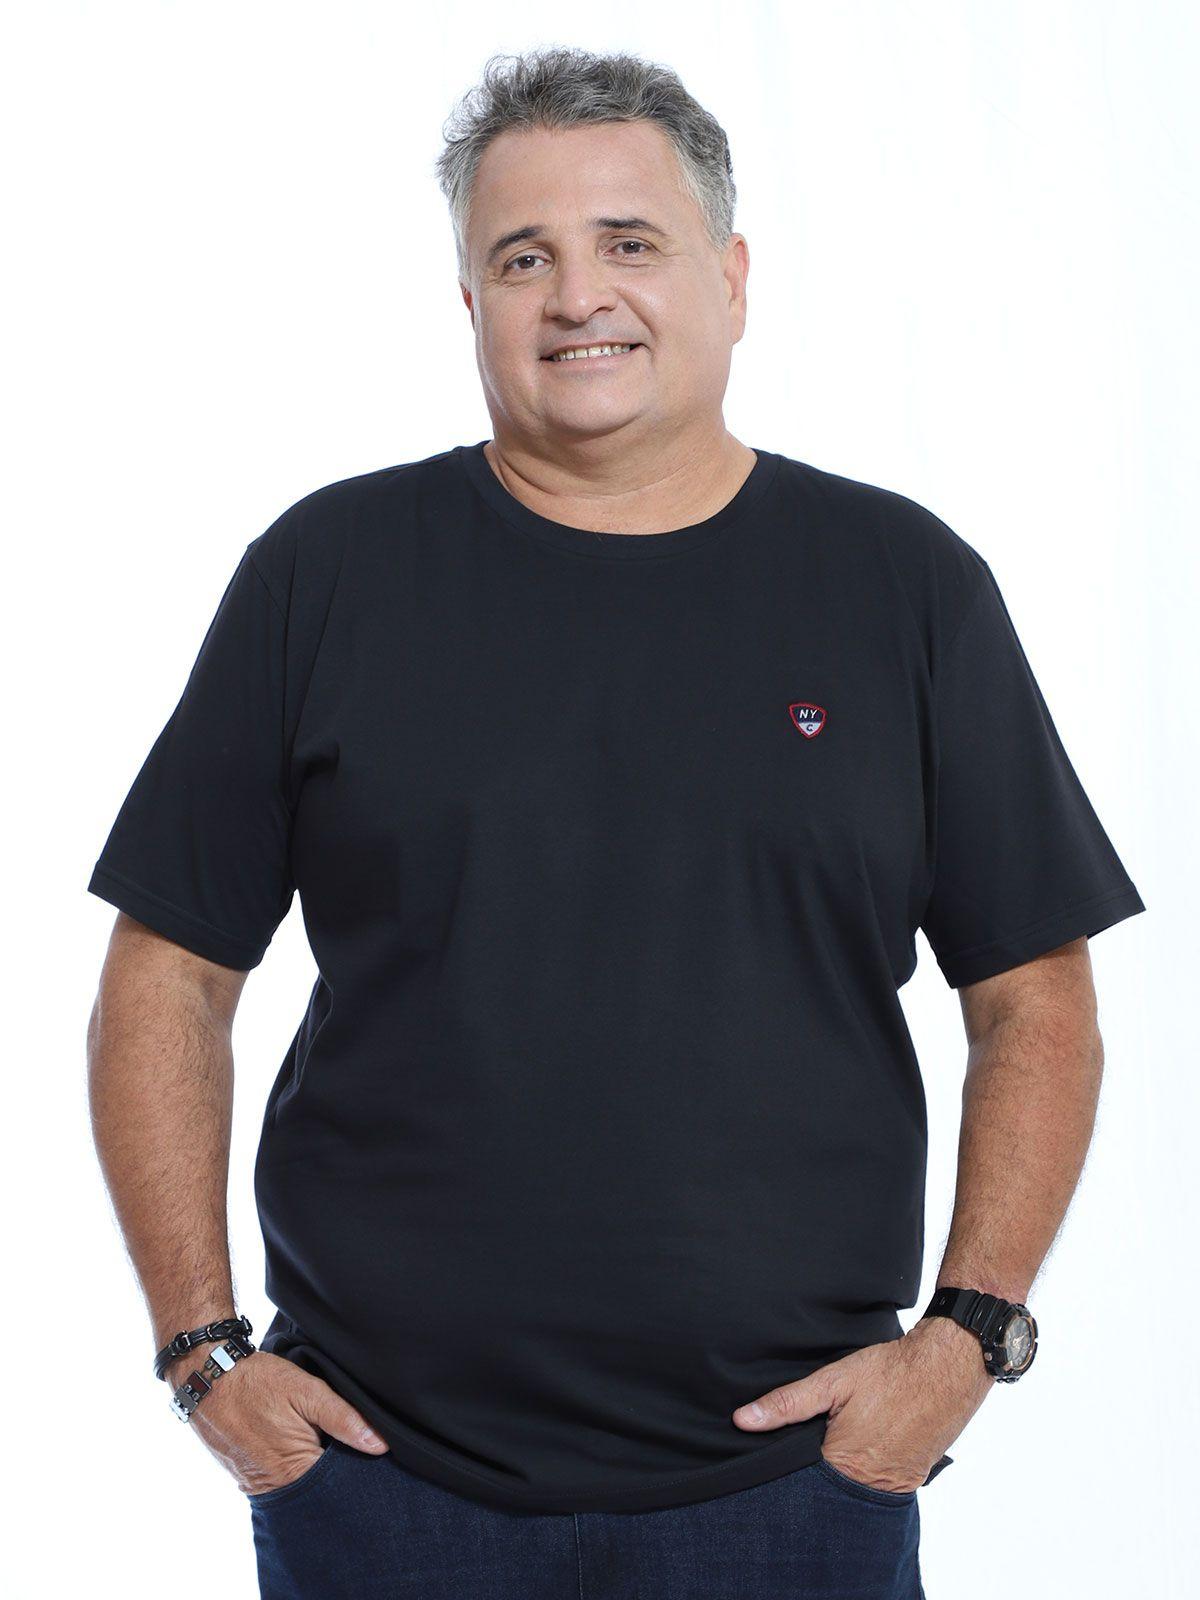 Camiseta Plus Size Anistia Bordado Two Colors Preto